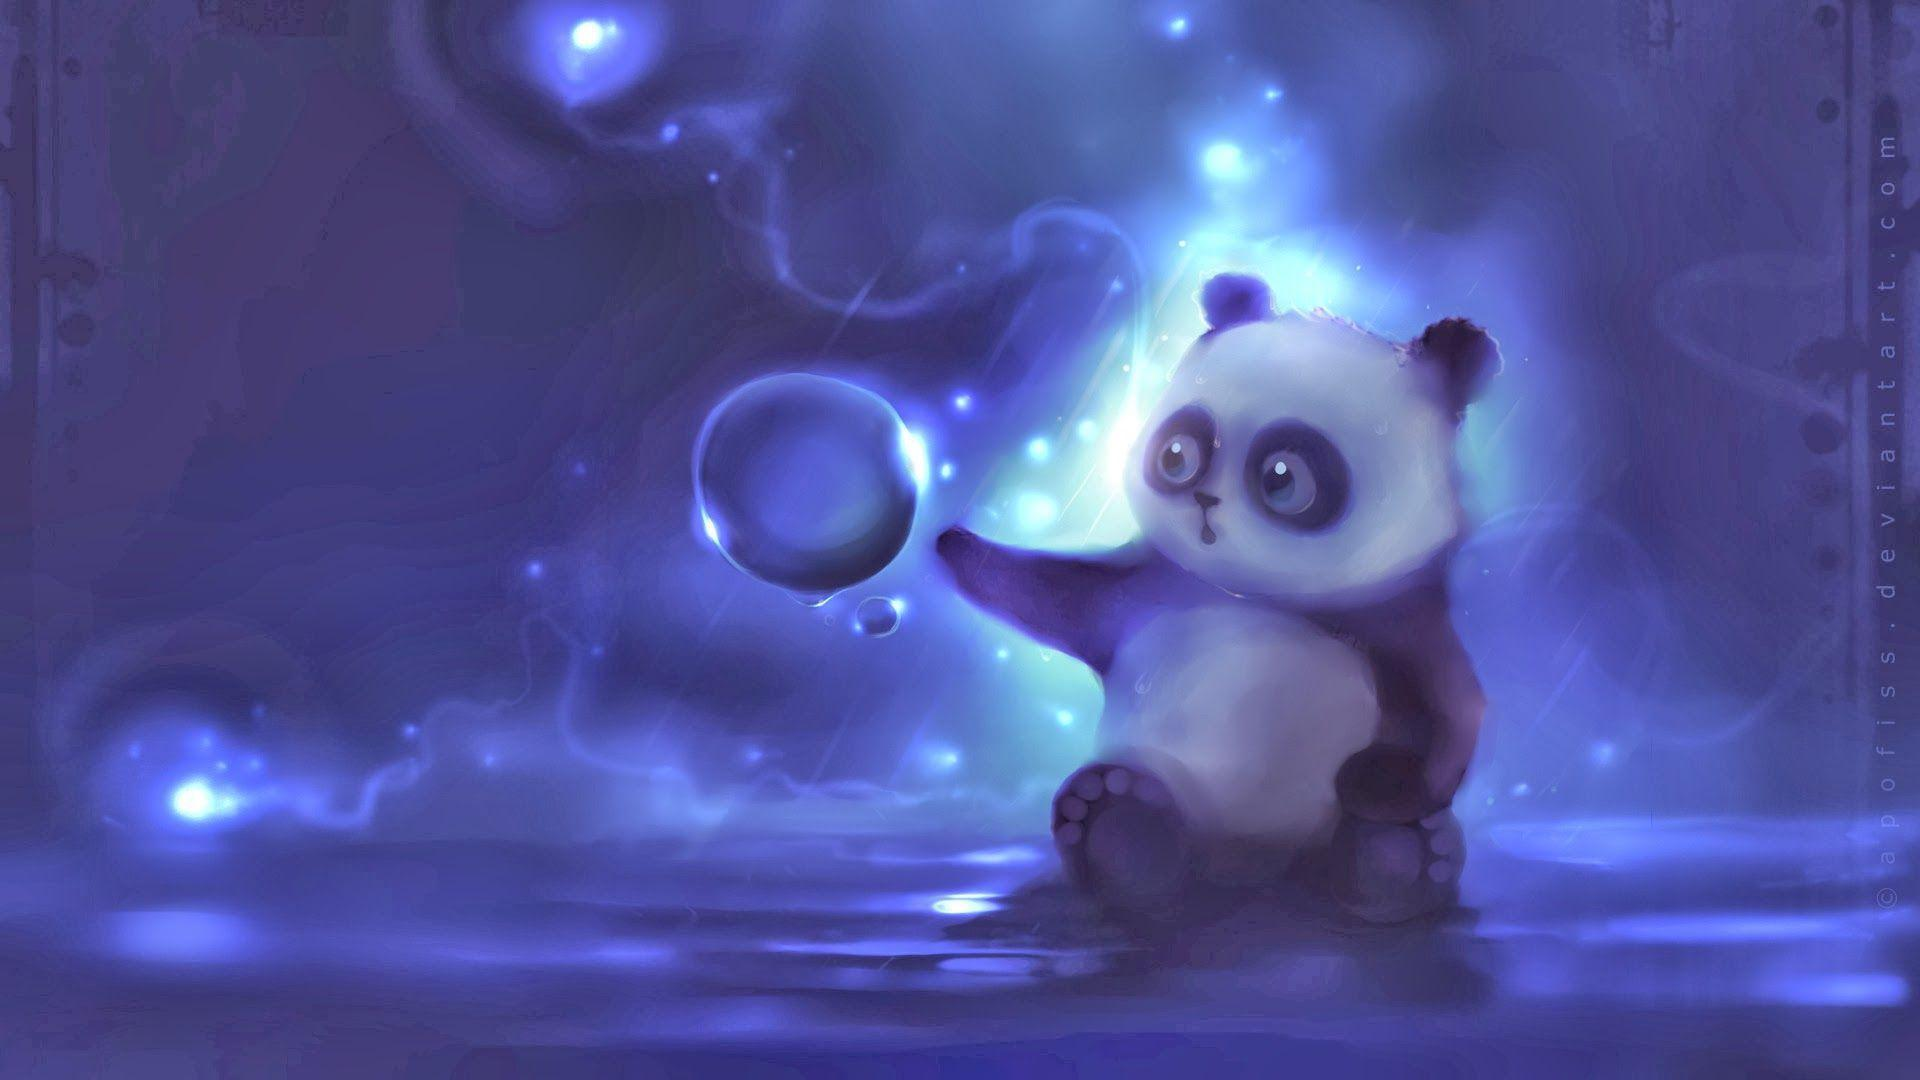 cute panda painting wallpaper - photo #17